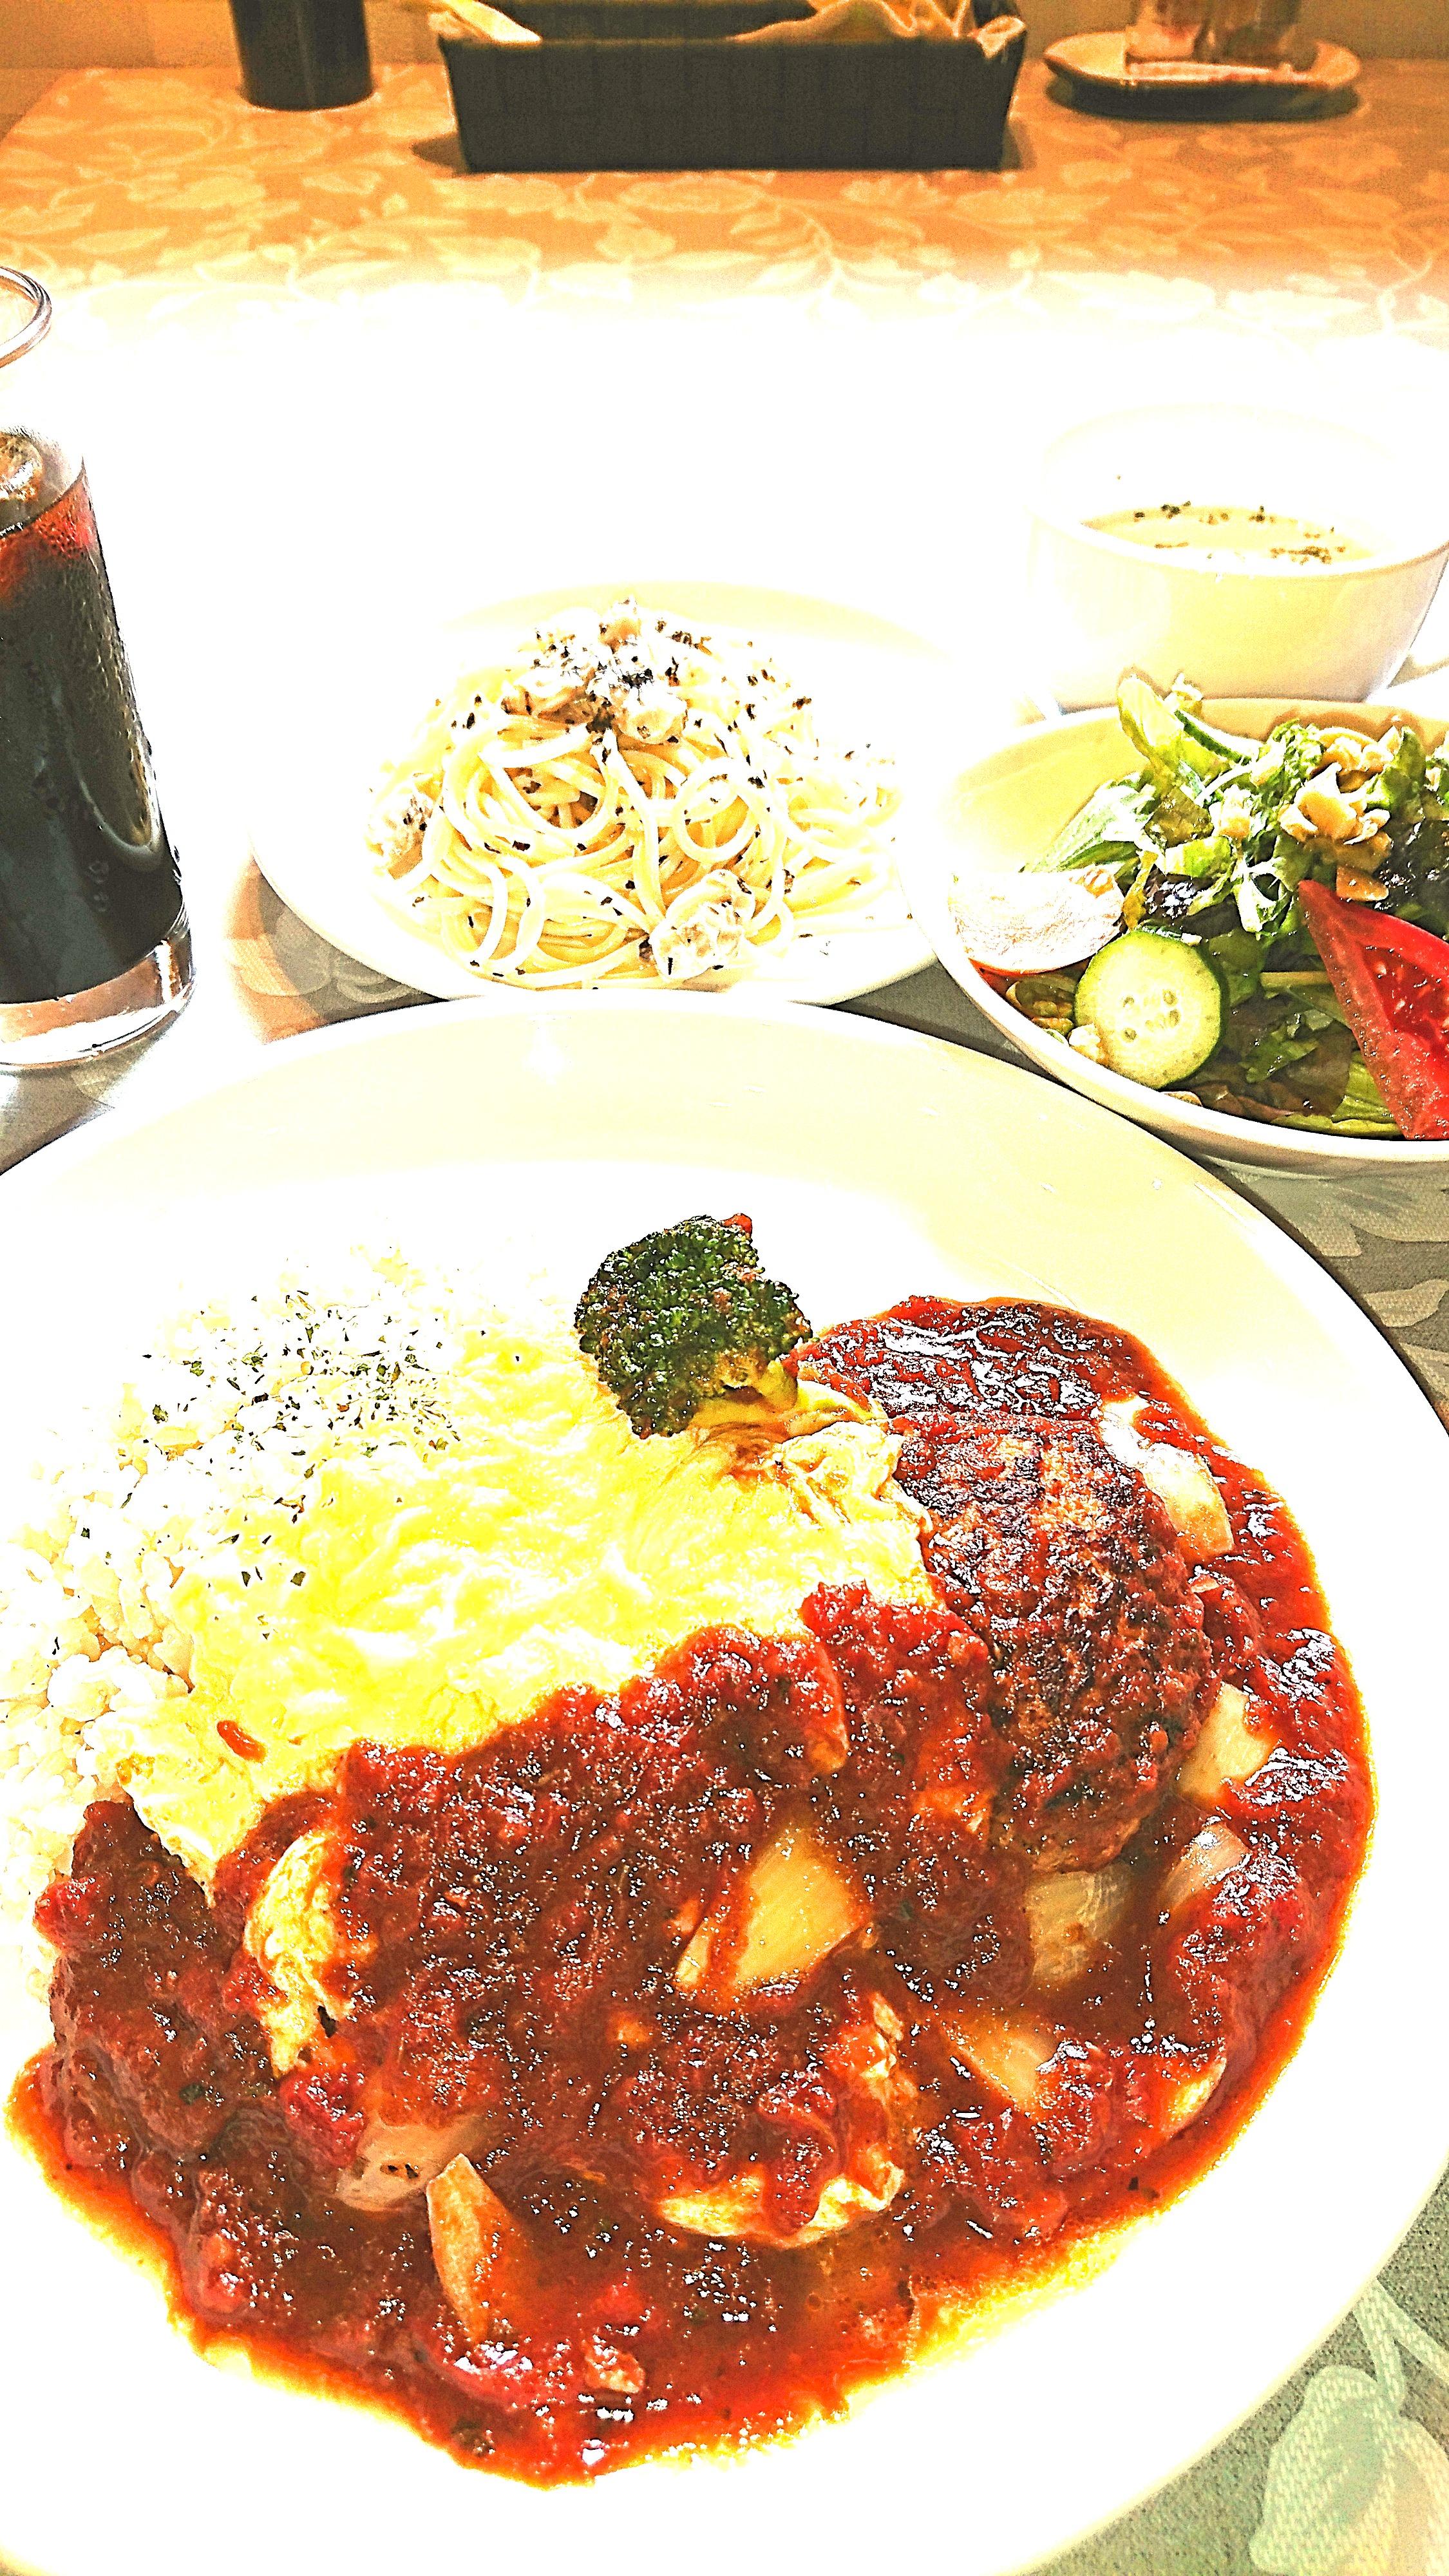 ラム肉と望来豚の粗挽きハンバーグ&半熟オムレツライス&ミニ冷製パスタ